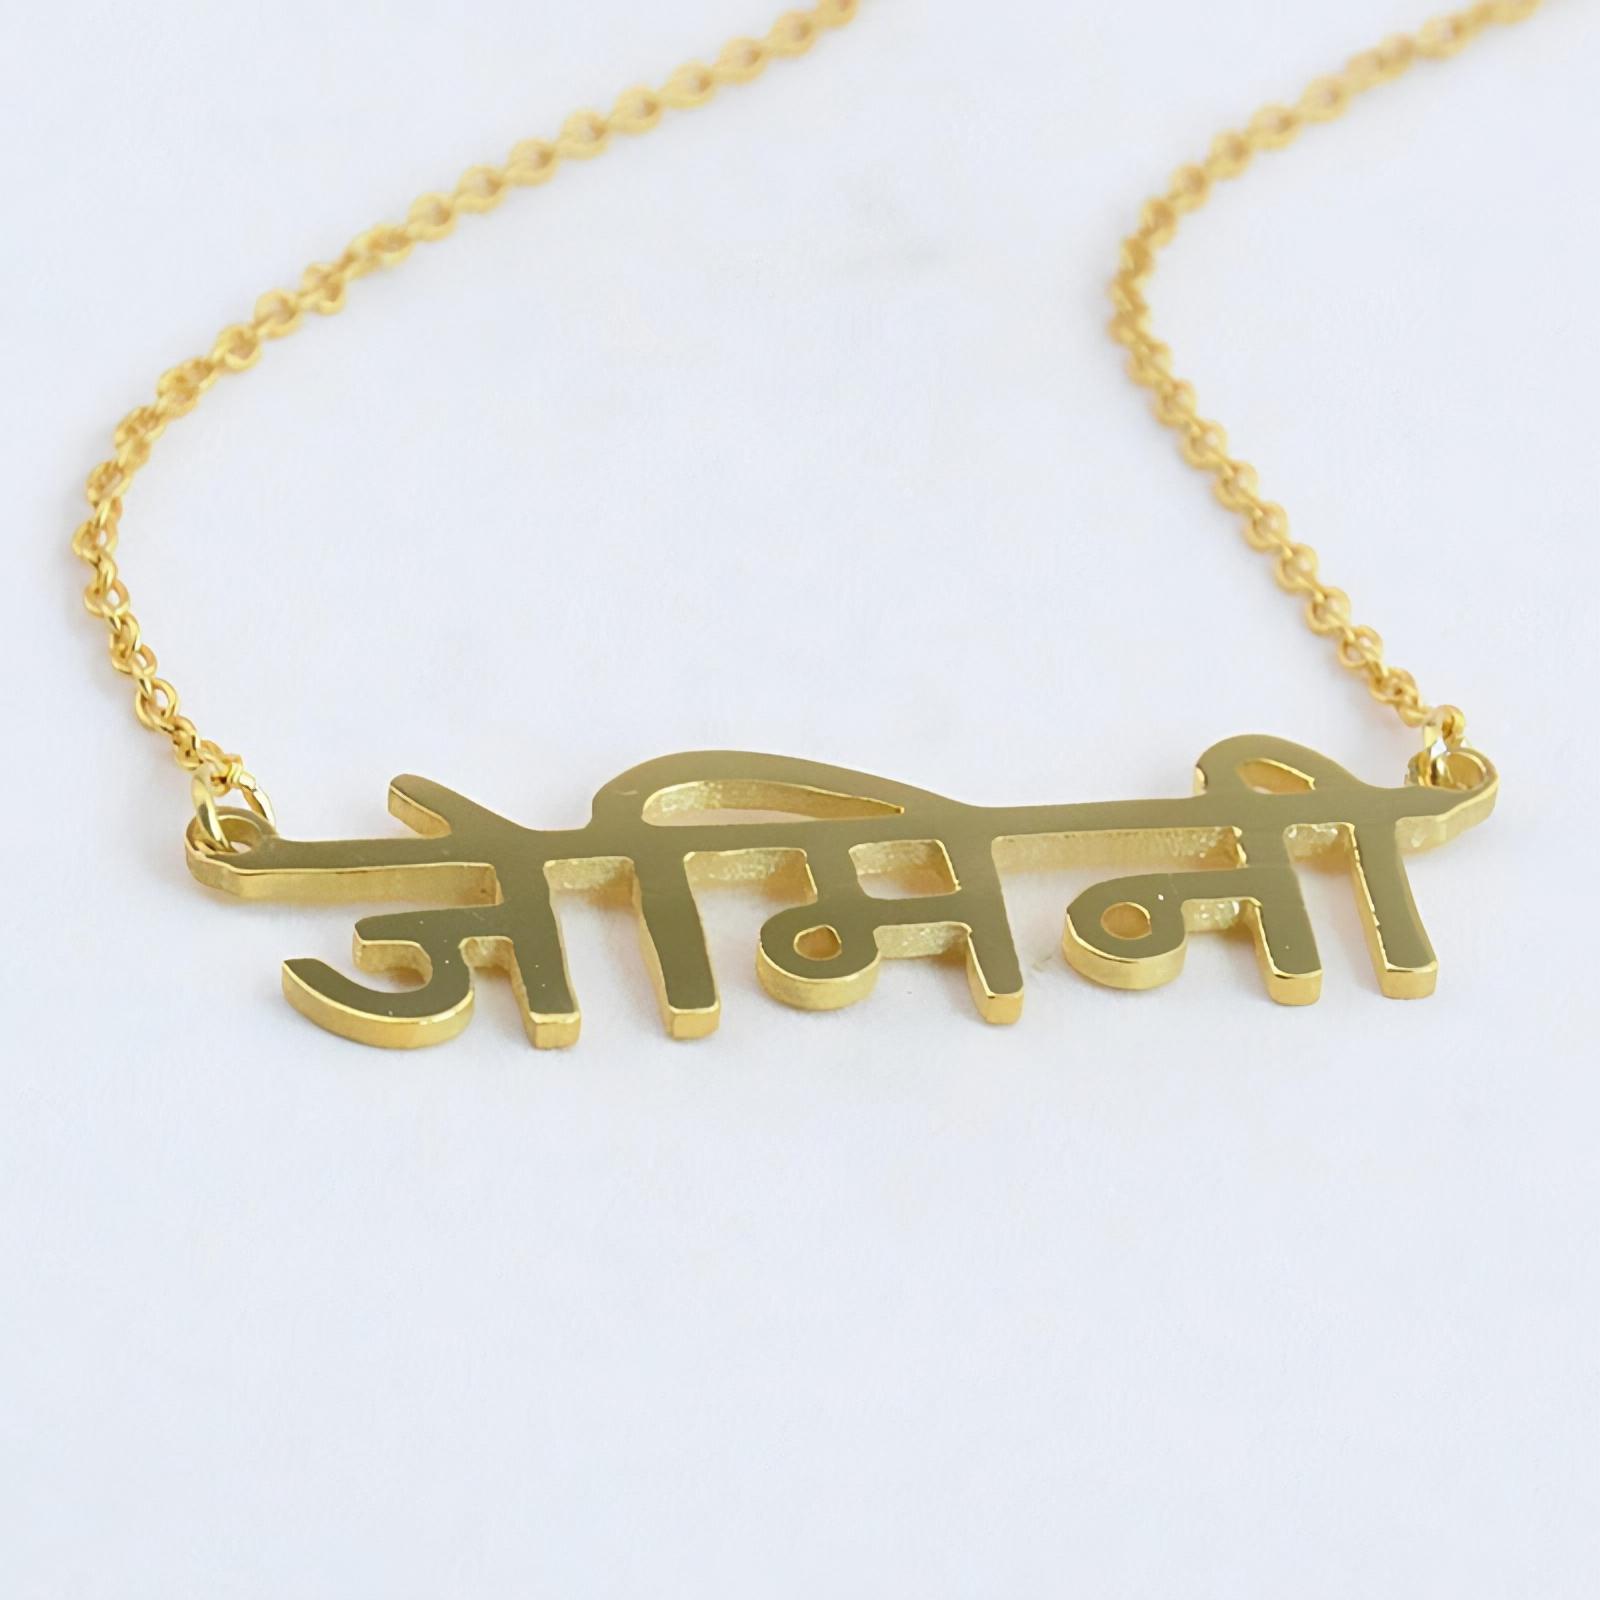 Customized Hindi Name Pendant Necklace